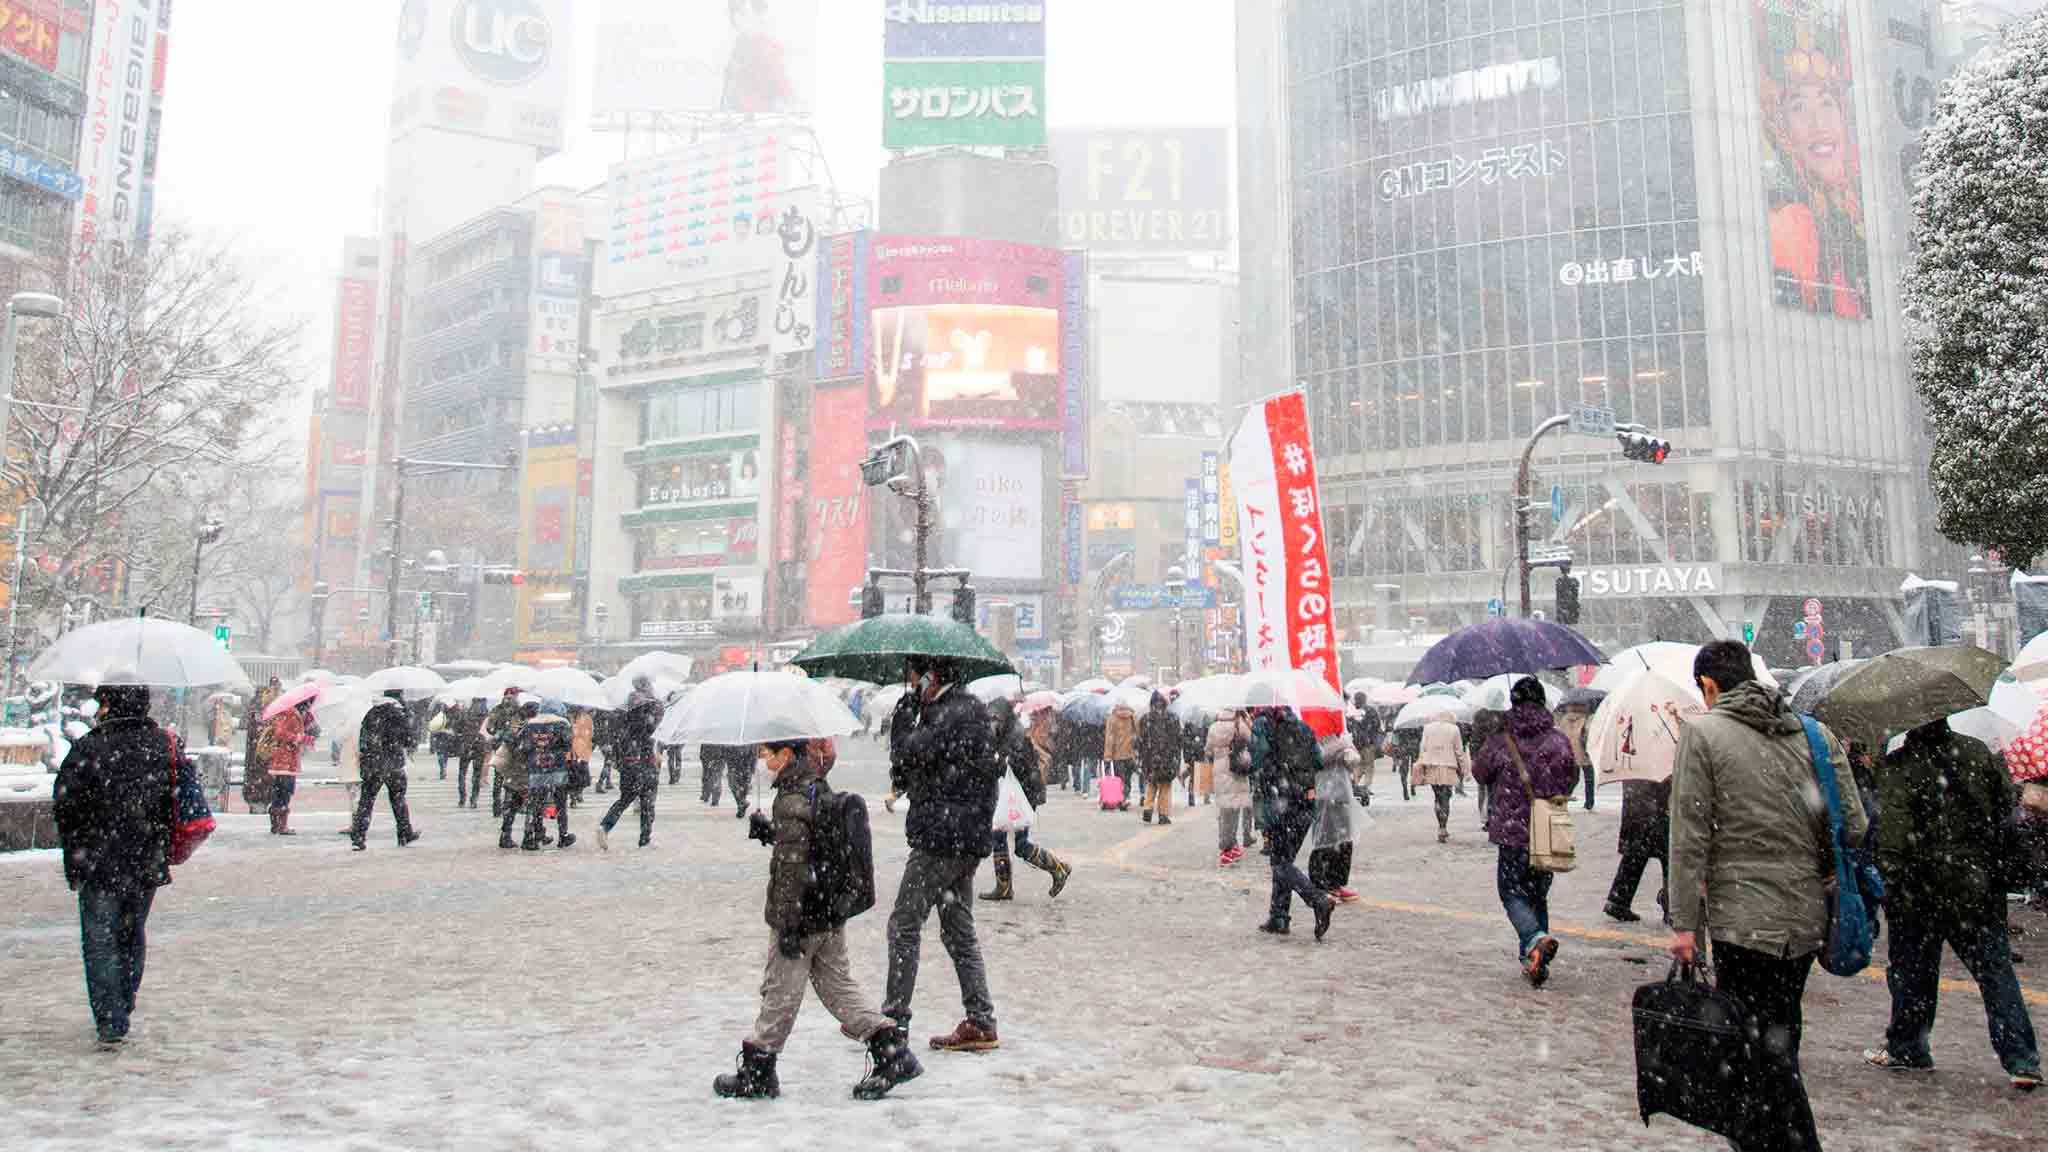 Japón se ve afectado desde el lunes por el peor temporal de nieve que ha azotado el centro del país en los últimos cuatro años